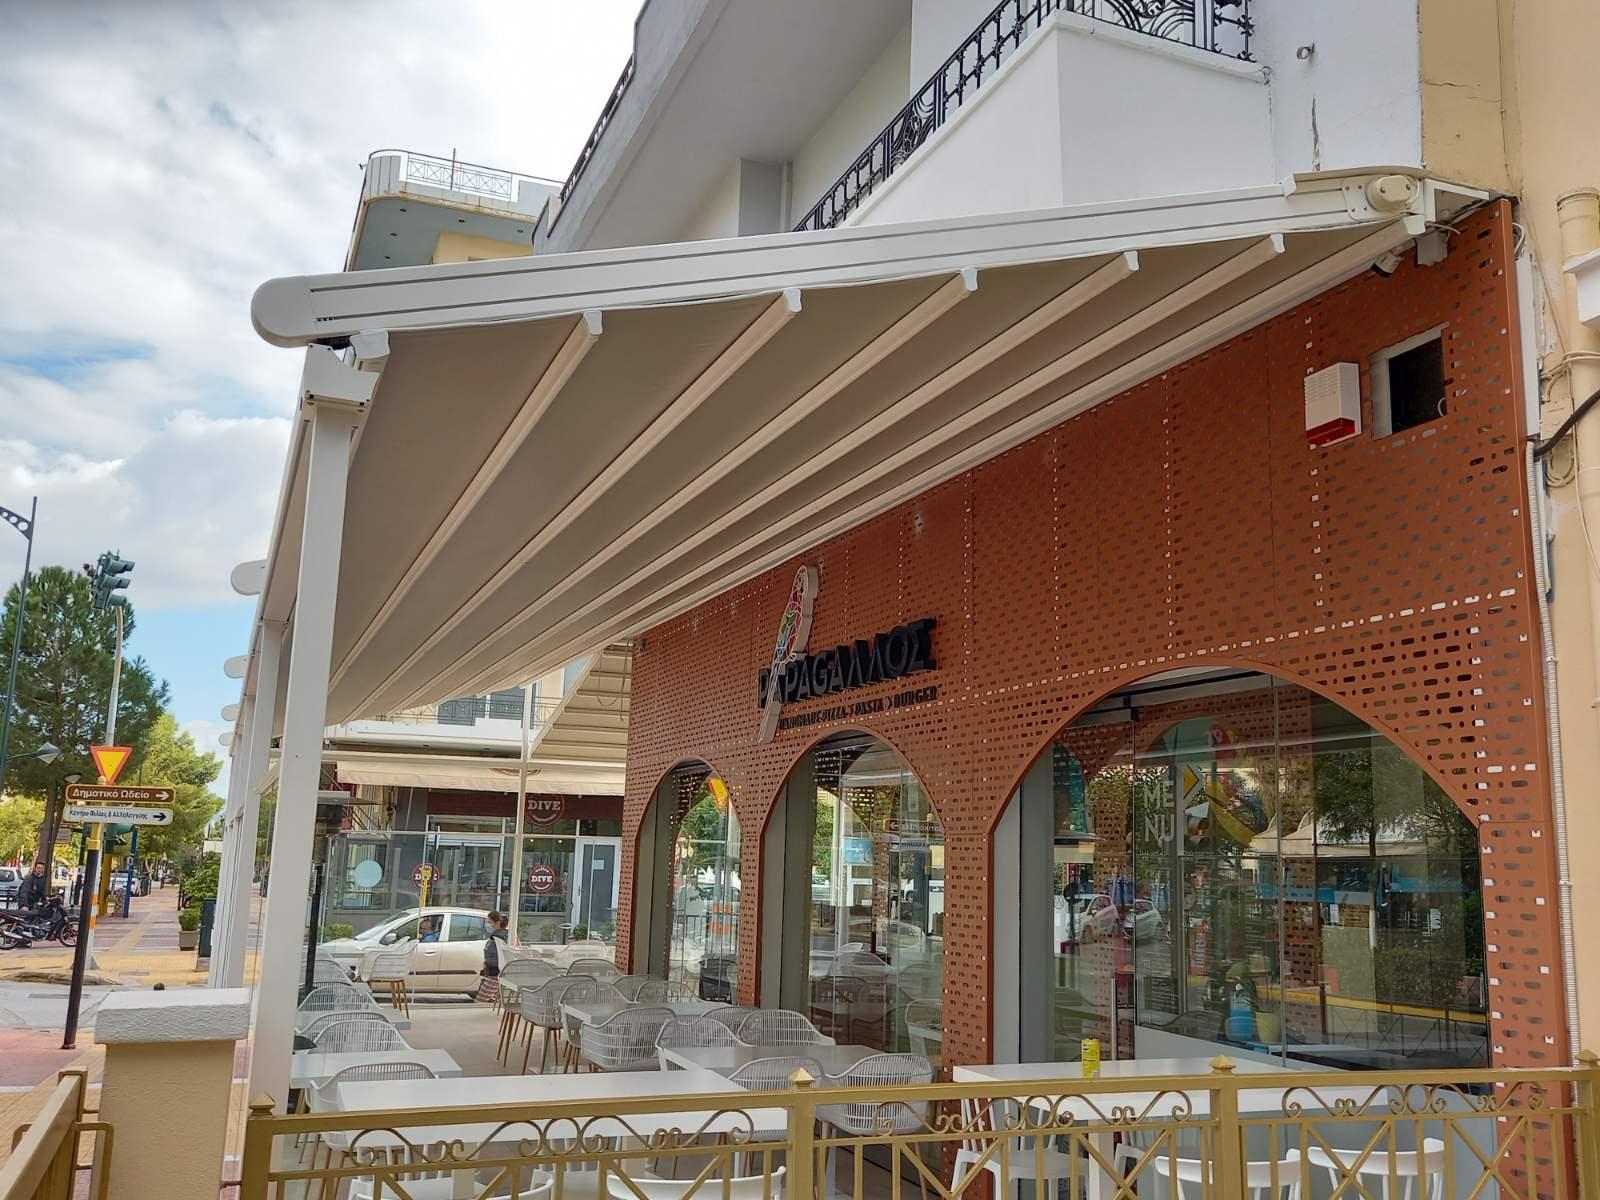 Συστήματα Περγκοτέντας στο Εστιατόριο PAPAGΑΛΛΟΣ στην Αγία Βαρβάρα